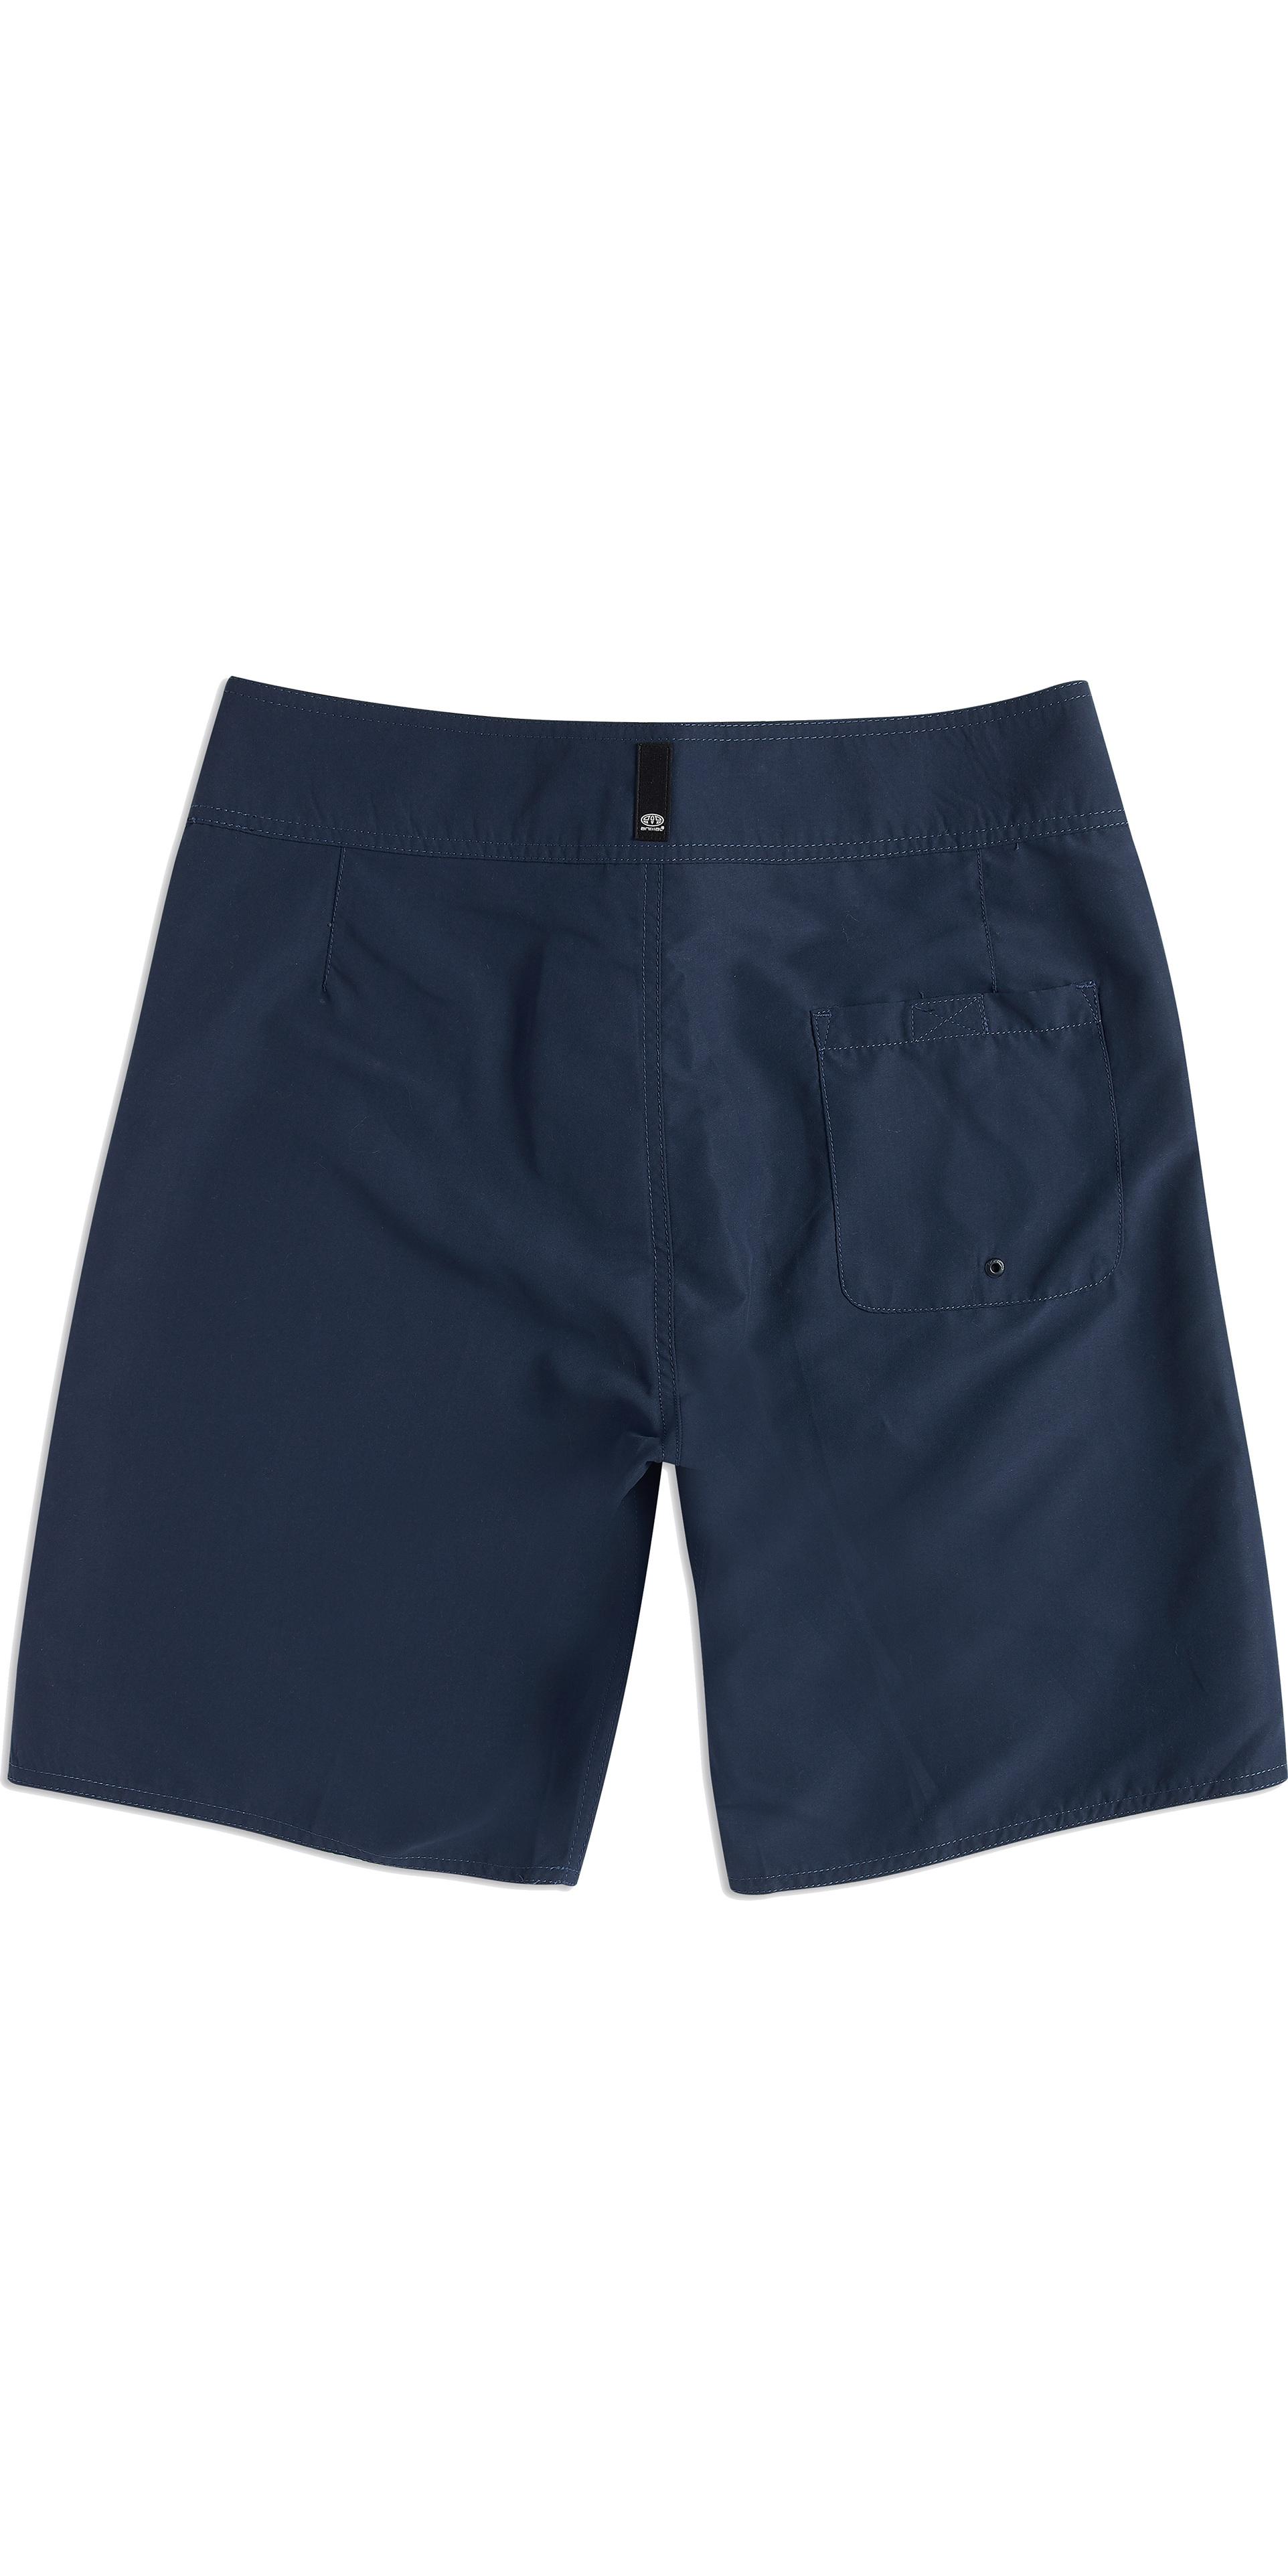 2019 Animal Pantalones Cortos De Los Hombres Bodella Oscuro Navy Cl9sq005